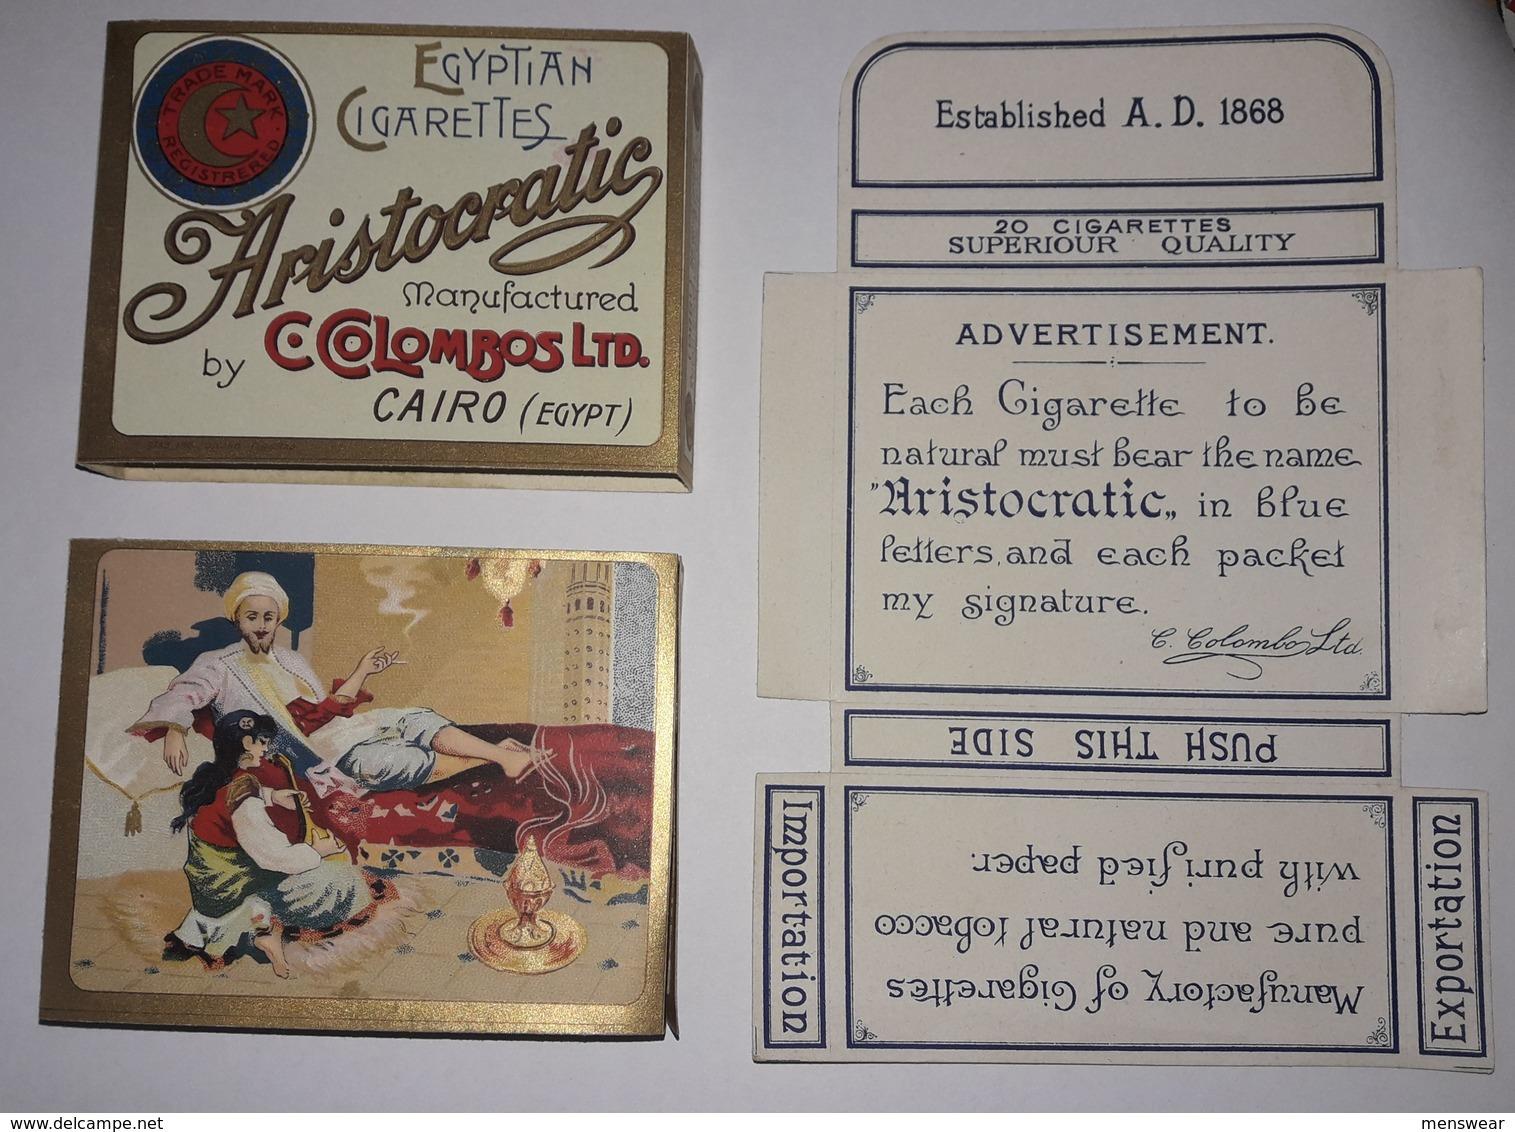 ARISTOCRATIC  C.COLOMBOS LTD.CAIRO MALTA  PACKET OF 20 CIGARETTE - 1920s VERY RARE - - Empty Cigarettes Boxes